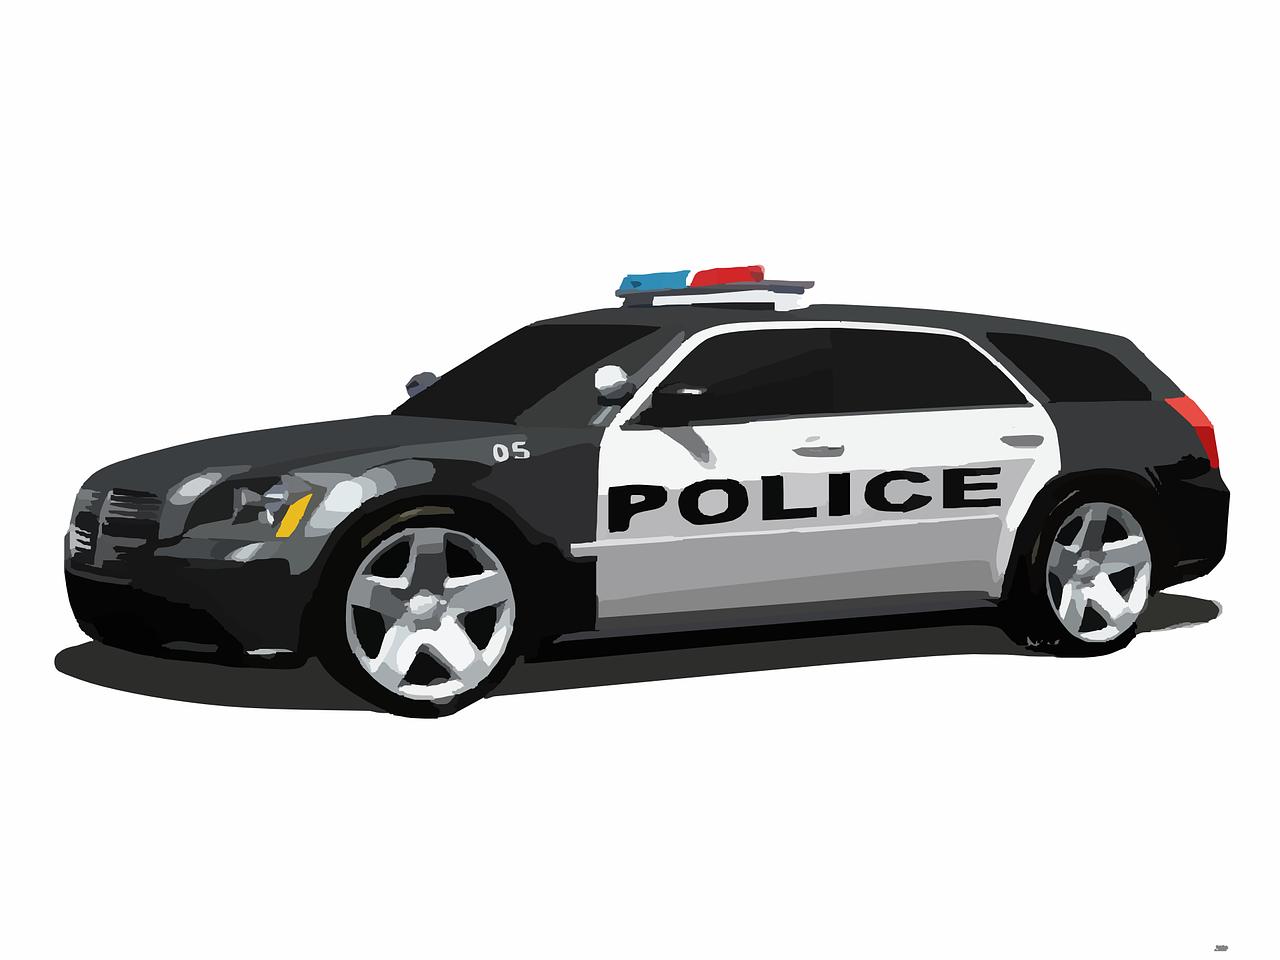 Mobil Polisi Amerika Gambar Vektor Gratis Di Pixabay